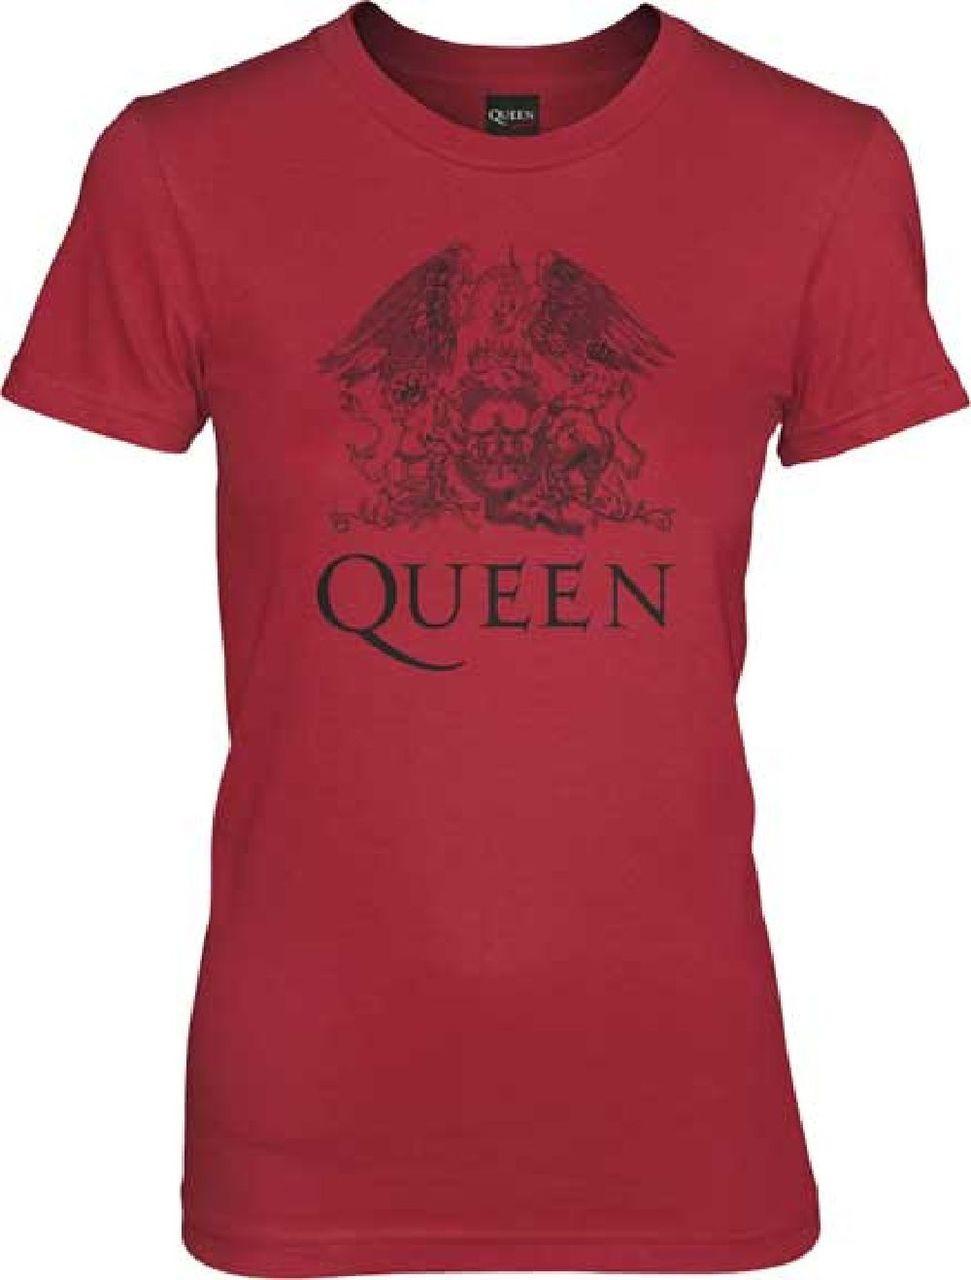 Queen Rock Band T Shirt